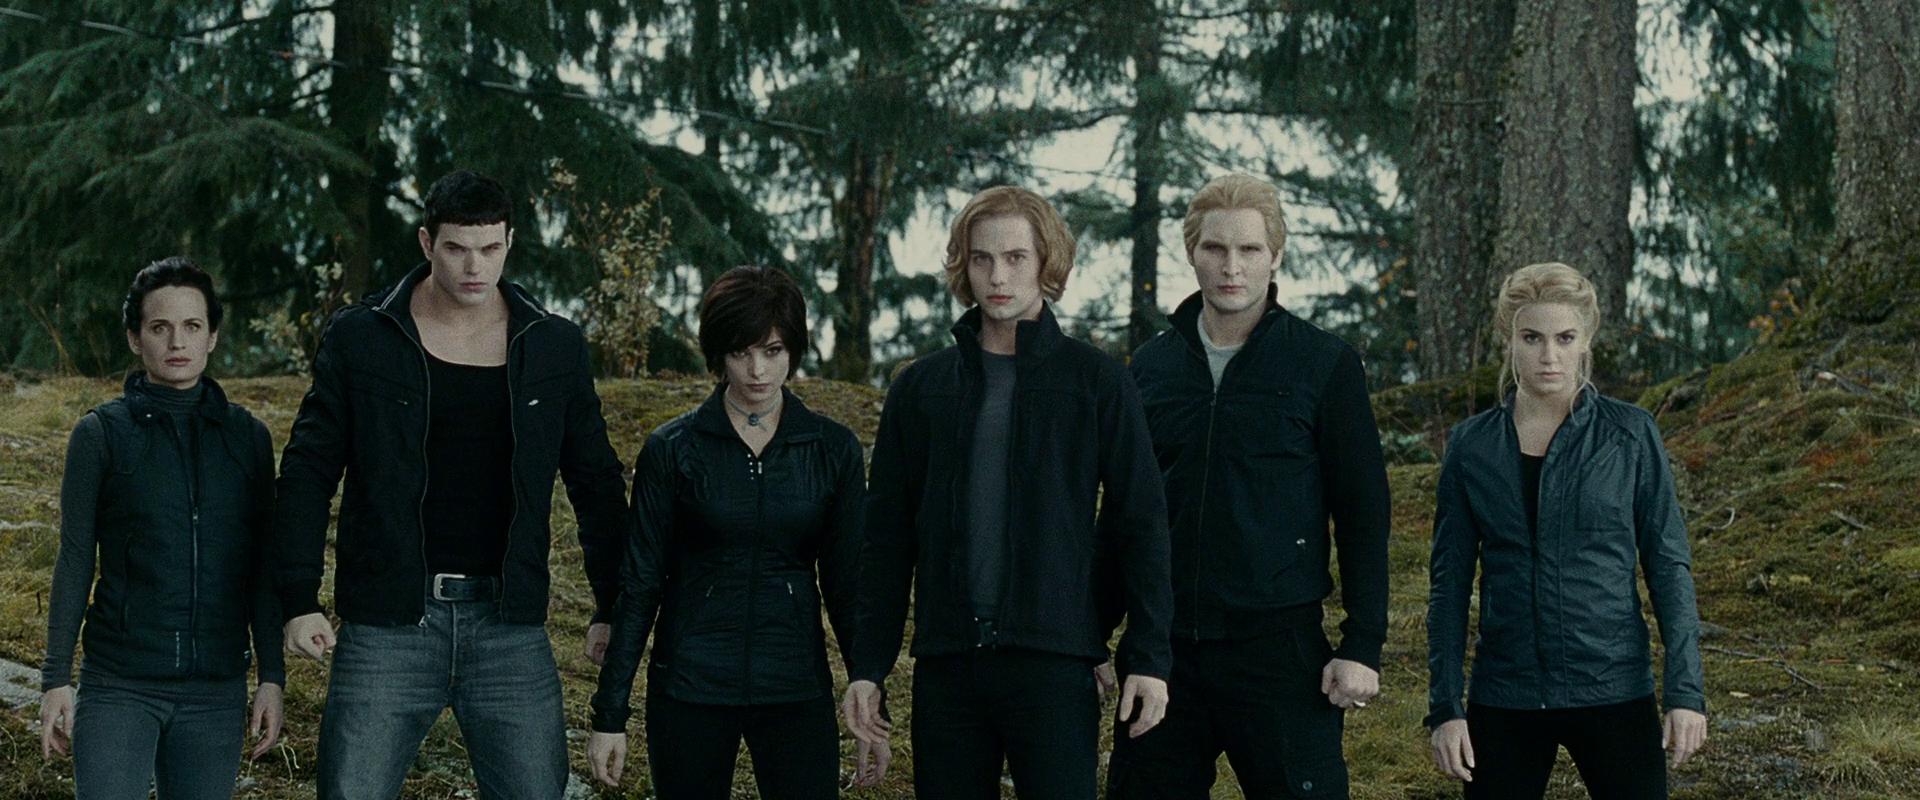 Cullens.png